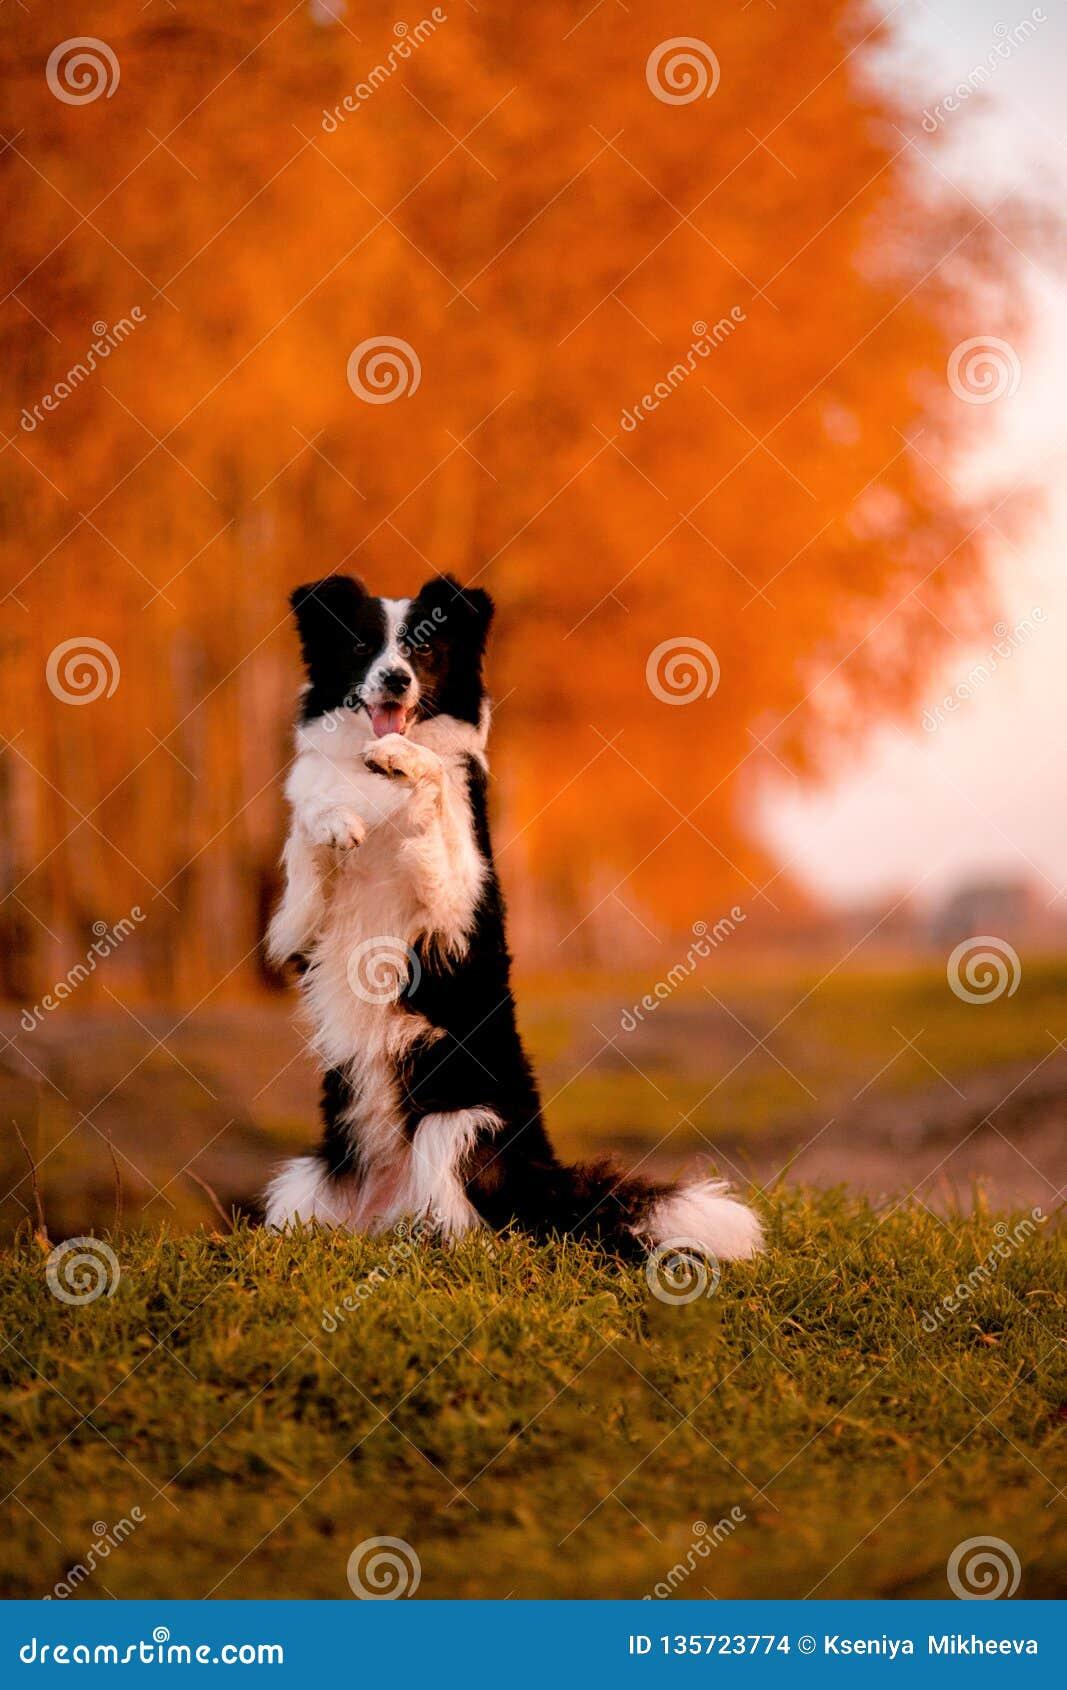 Estancia blanco y negro del border collie del perro en hierba Puesta del sol bosque amarillo en fondo Otoño